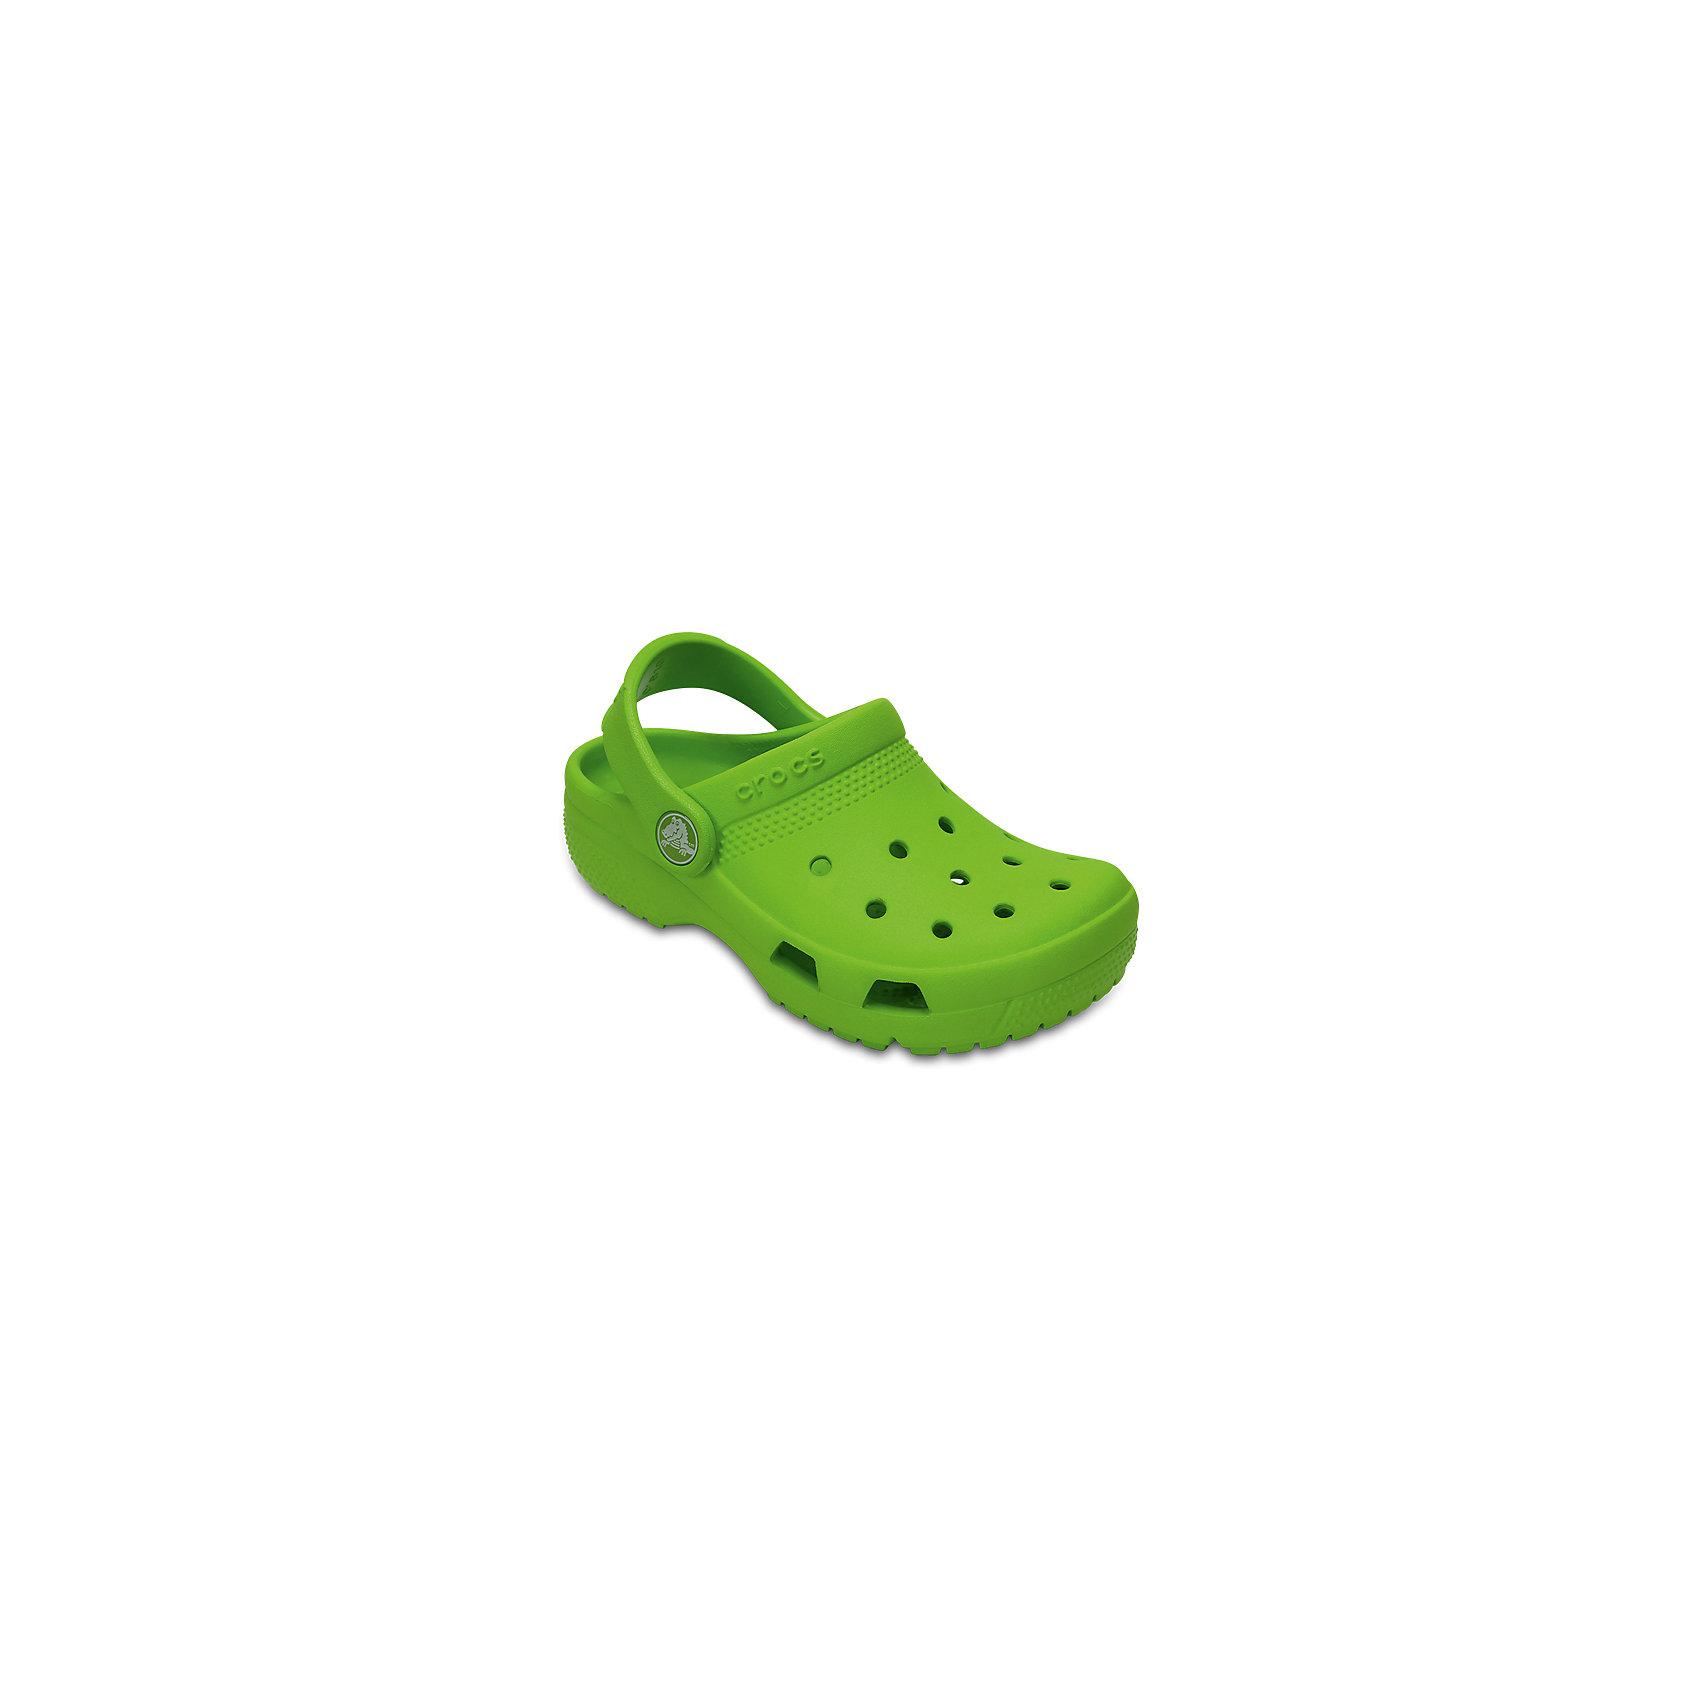 Сабо Classic clog, CROCSПляжная обувь<br>Характеристики товара:<br><br>• цвет: зеленый<br>• сезон: лето<br>• тип: пляжная обувь<br>• материал: 100% полимер Croslite™<br>• литая модель<br>• вентиляционные отверстия<br>• бактериостатичный материал<br>• пяточный ремешок фиксирует стопу<br>• толстая устойчивая подошва<br>• отверстия для использования украшений<br>• анатомическая стелька с массажными точками<br>• страна бренда: США<br>• страна изготовитель: Китай<br><br>Сабо Classic clog обеспечивают детям необходимый комфорт, а анатомическая стелька с массажными линиями для стимуляции кровообращения позволяет ножкам дольше не уставать. <br><br>Материал, из которого они сделаны, не дает размножаться бактериям, поэтому такая обувь препятствует образованию неприятного запаха и появлению болезней стоп. <br><br>Обувь от американского бренда Crocs в данный момент завоевала широкую популярность во всем мире, и это не удивительно - ведь она невероятно удобна. <br><br>Сабо Classic clog от торговой марки Crocs можно купить в нашем интернет-магазине.<br><br>Ширина мм: 225<br>Глубина мм: 139<br>Высота мм: 112<br>Вес г: 290<br>Цвет: зеленый<br>Возраст от месяцев: 132<br>Возраст до месяцев: 144<br>Пол: Унисекс<br>Возраст: Детский<br>Размер: 34/35,27,28,29,30,23,24,25,26,31/32,33/34<br>SKU: 5416808